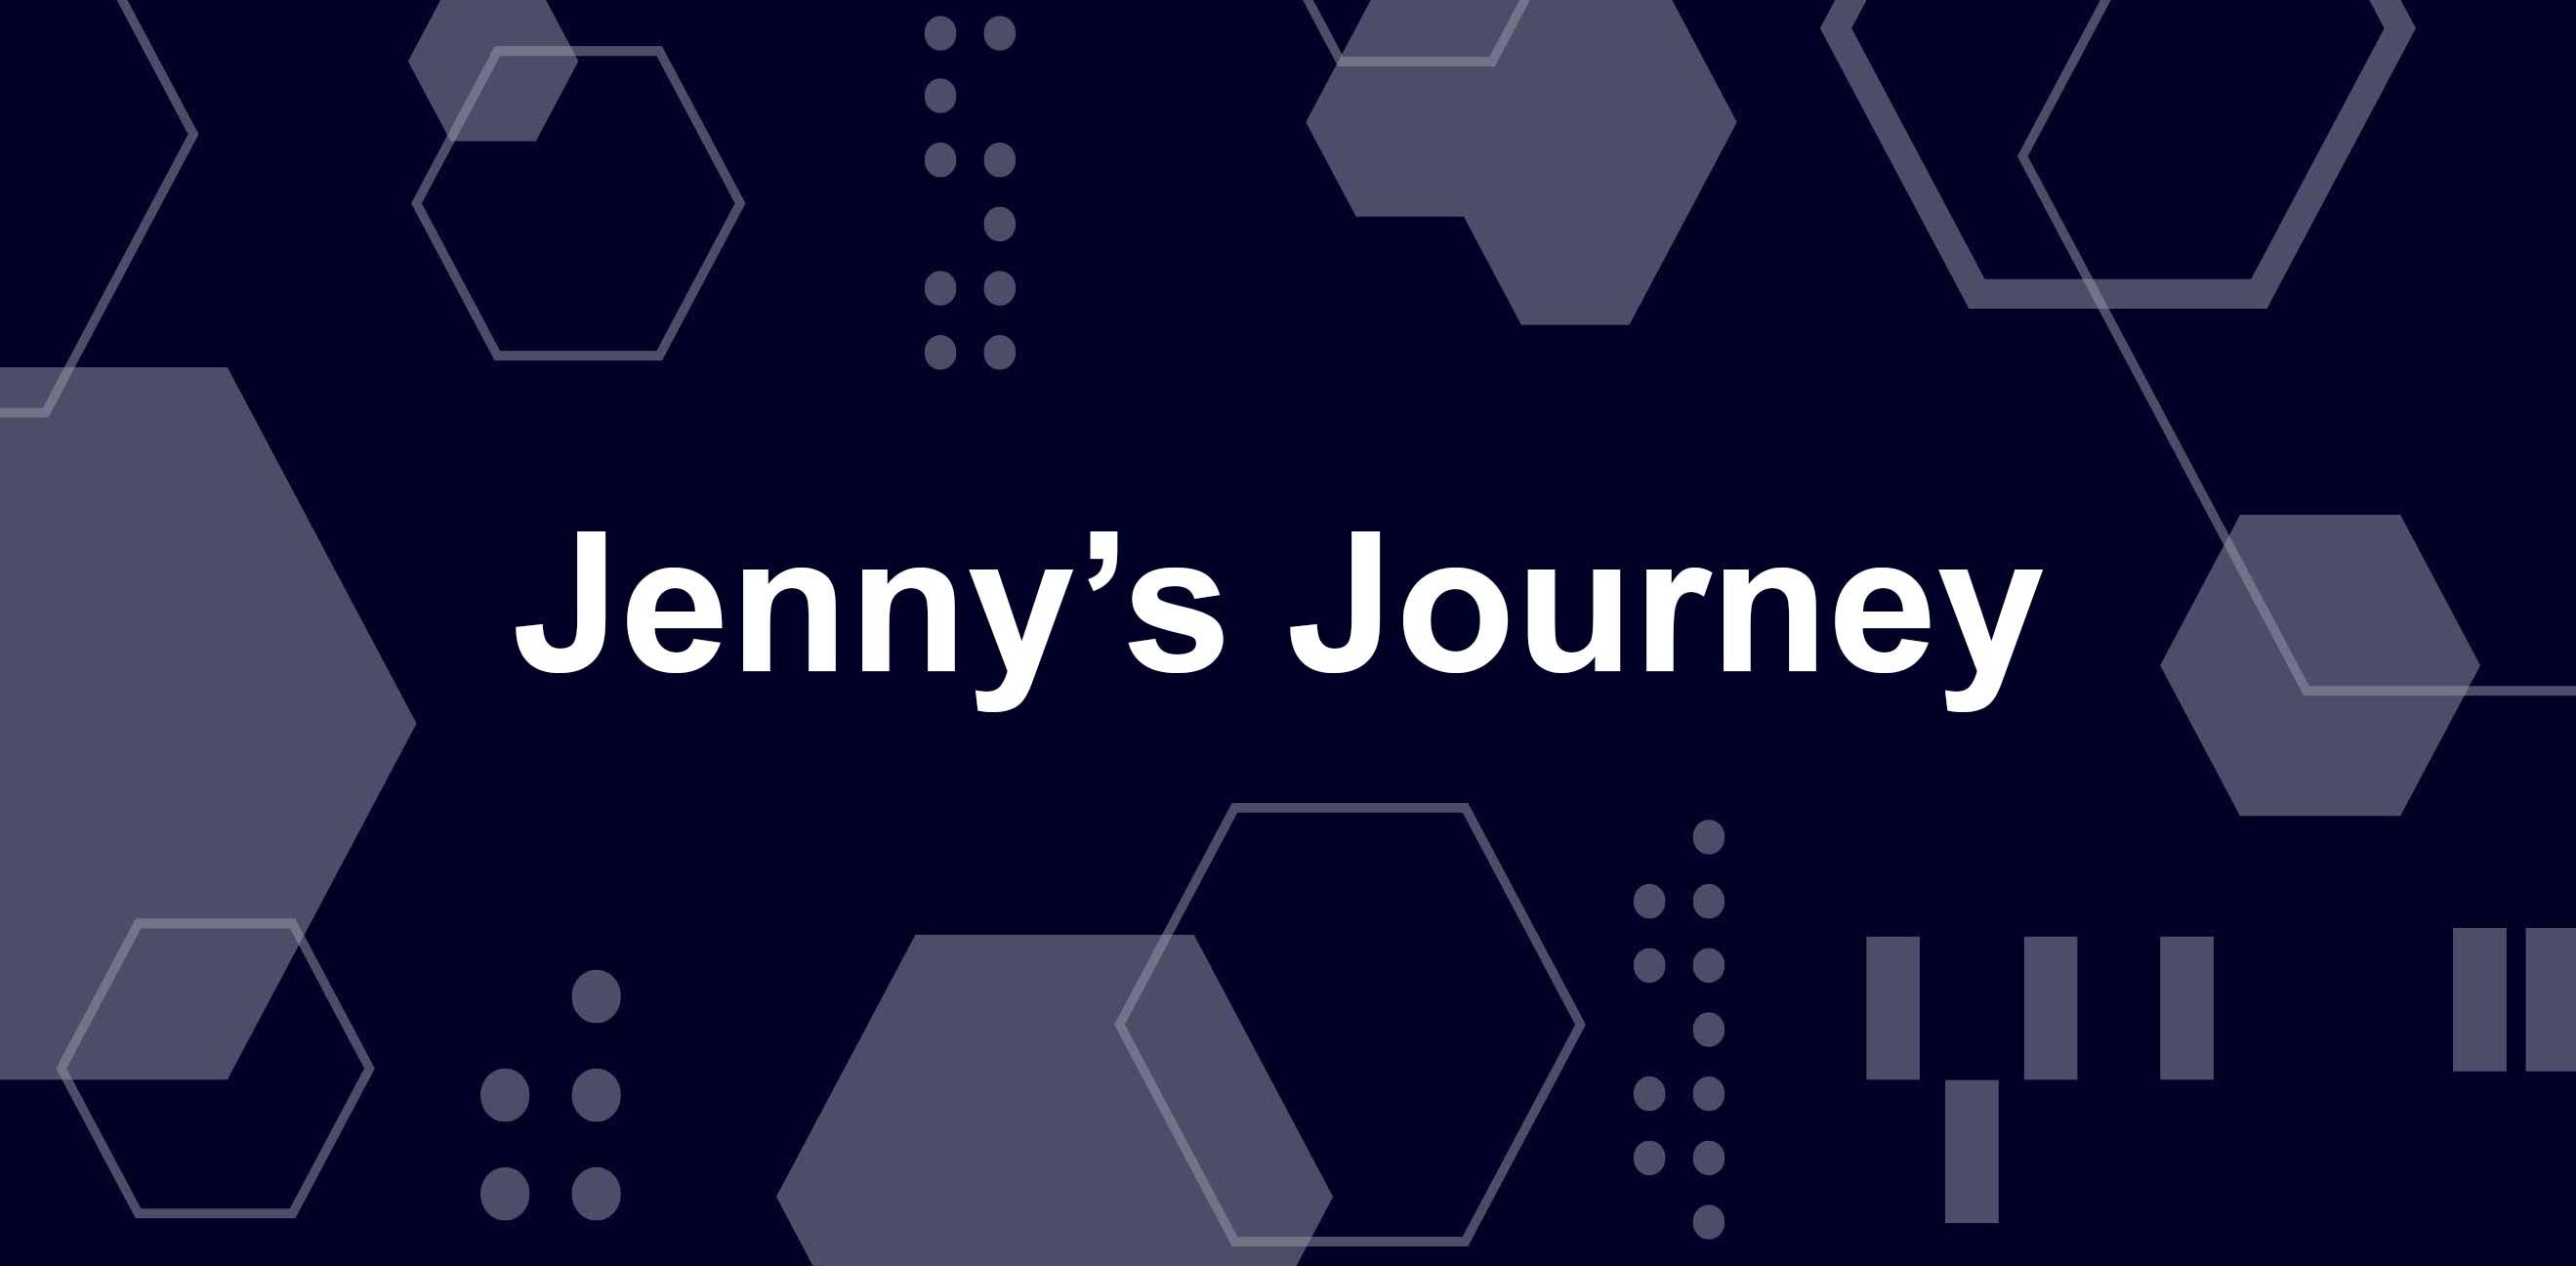 珍妮的旅程,在蓝色和白色的几何图案的白色字母